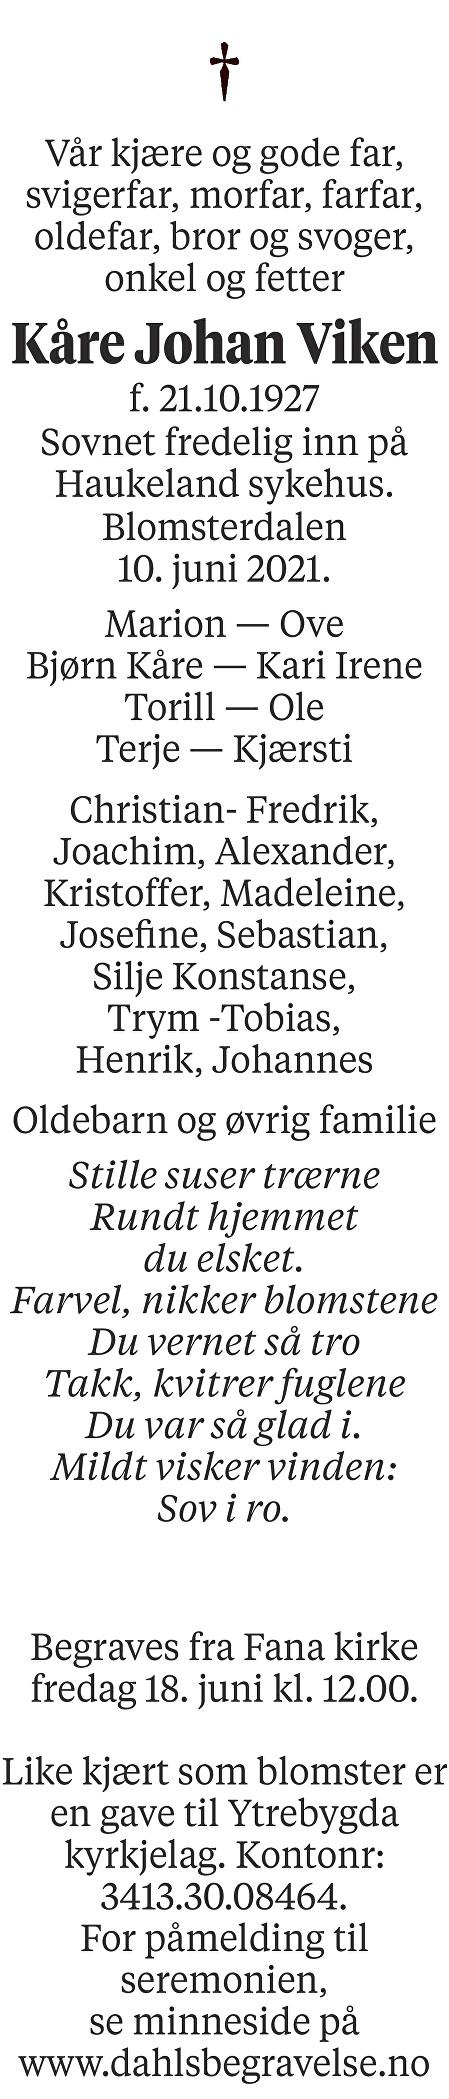 Kåre Johan Viken Dødsannonse